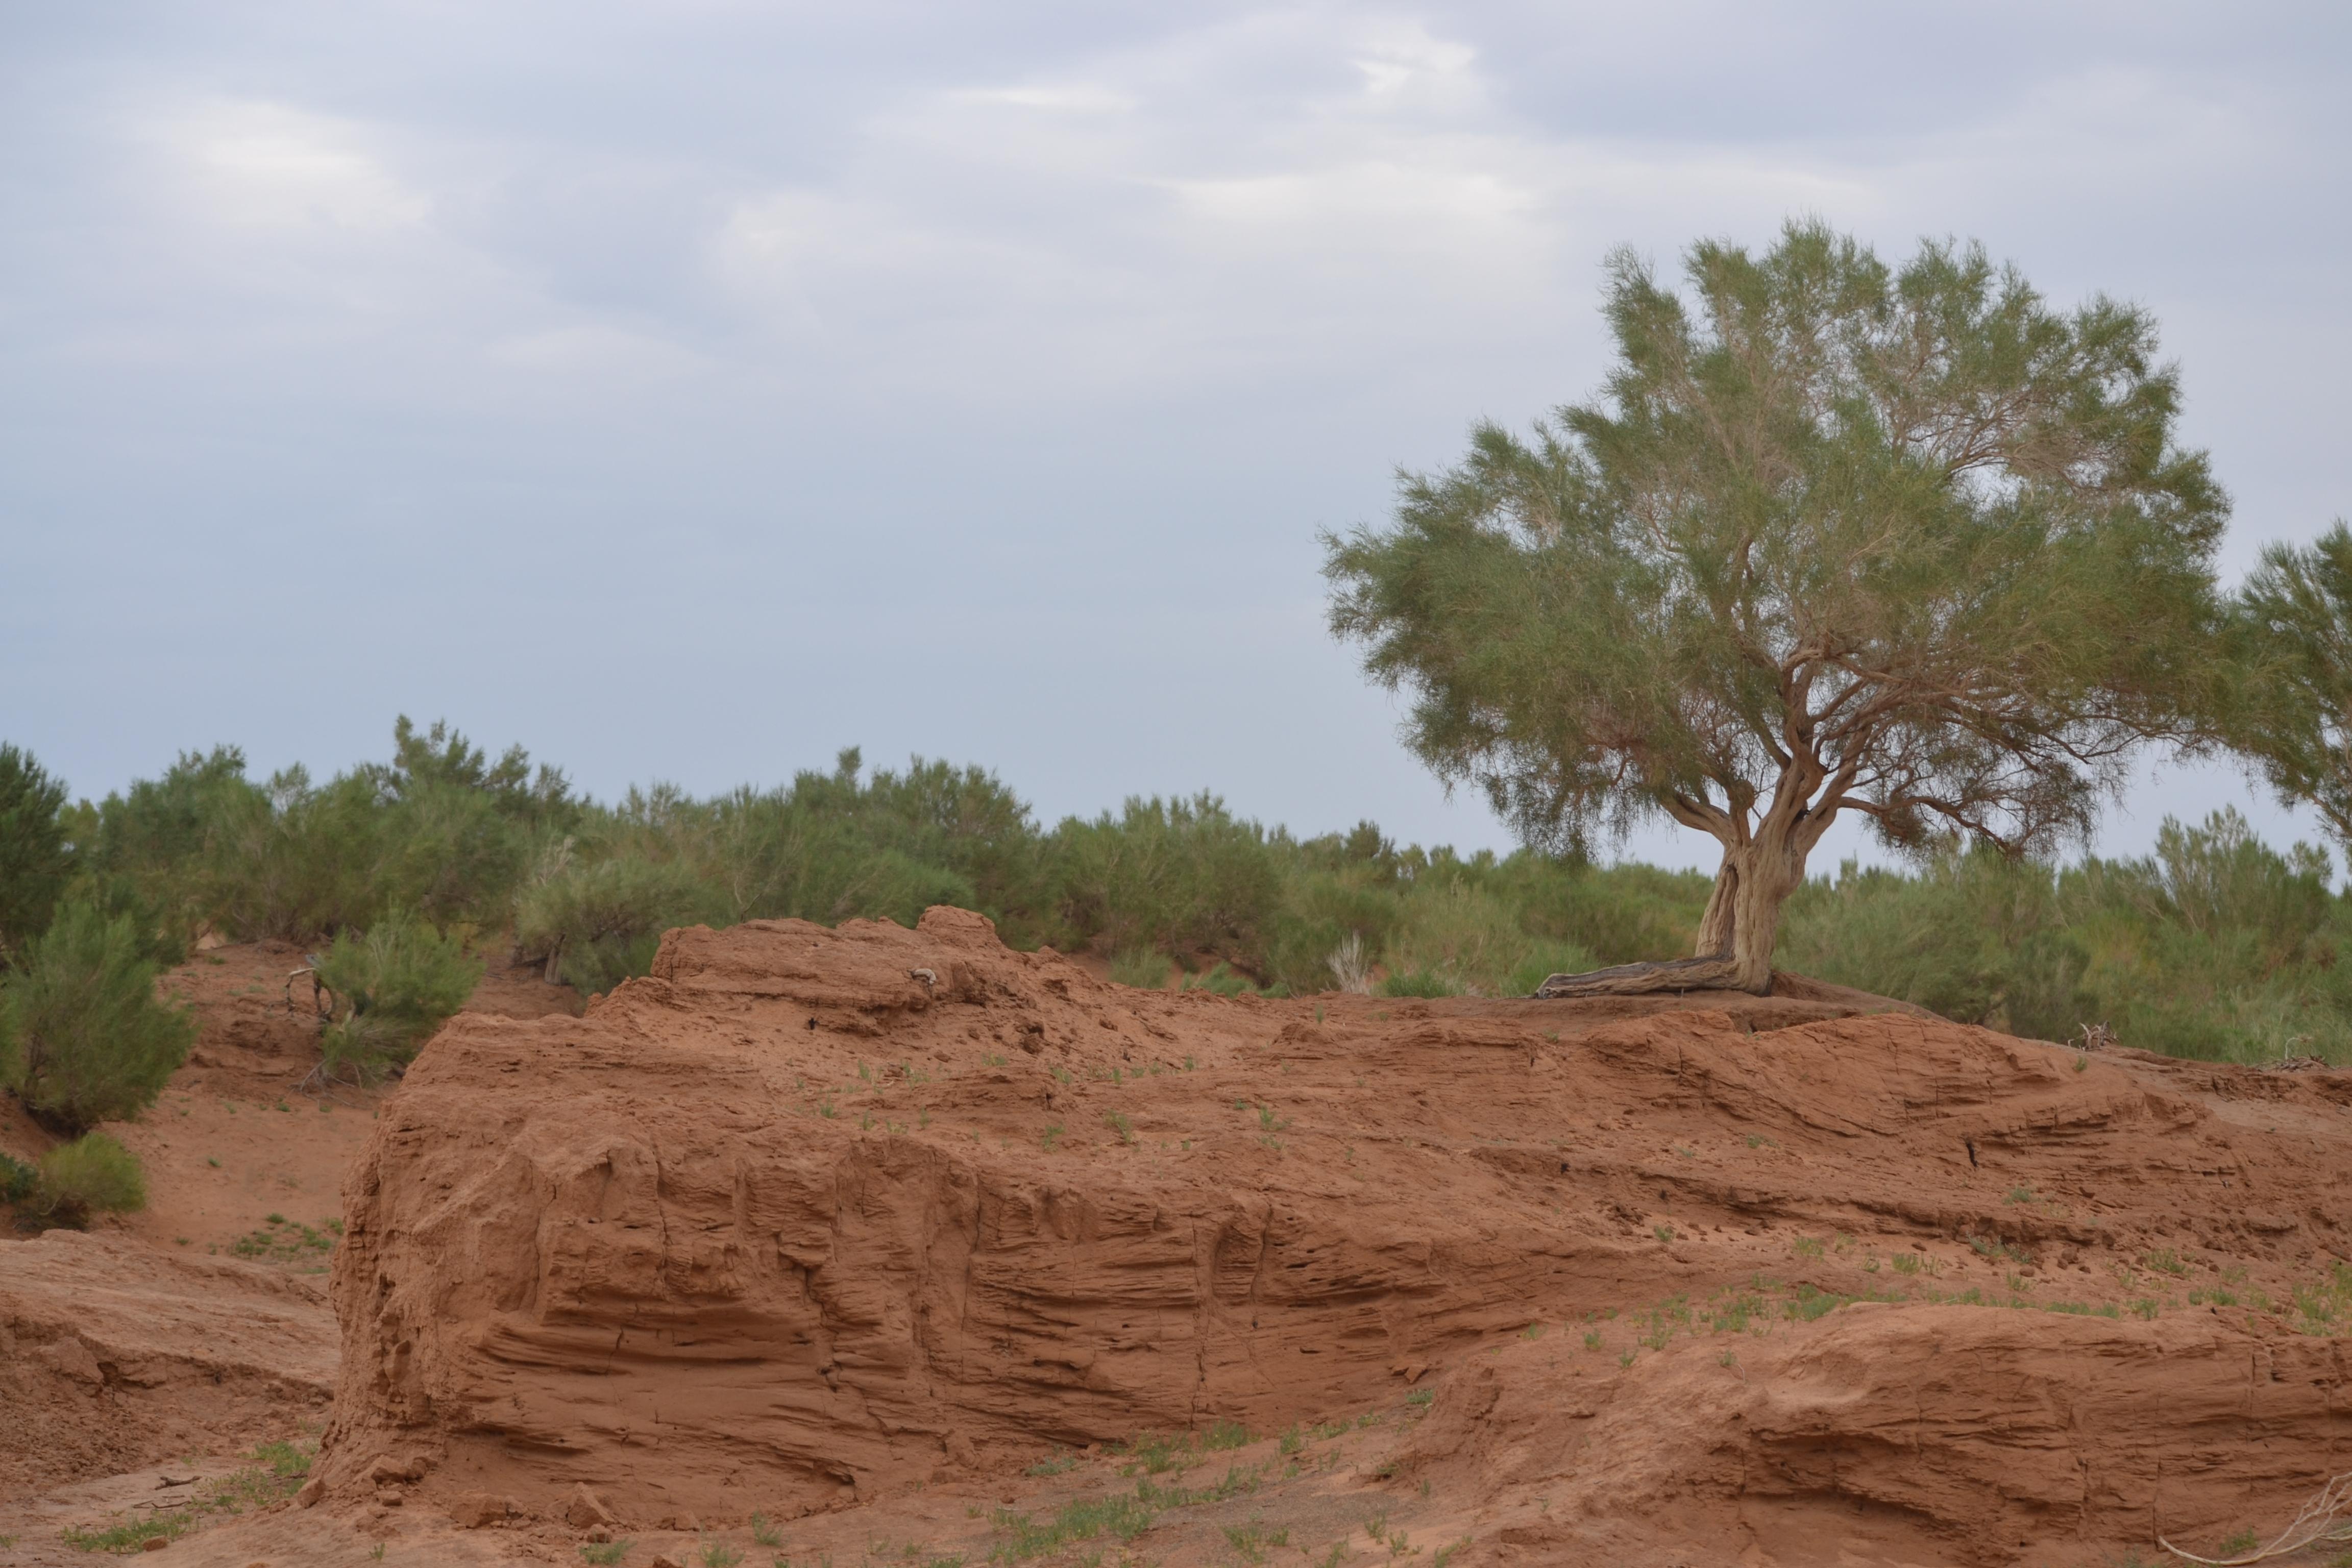 image of gobi desert